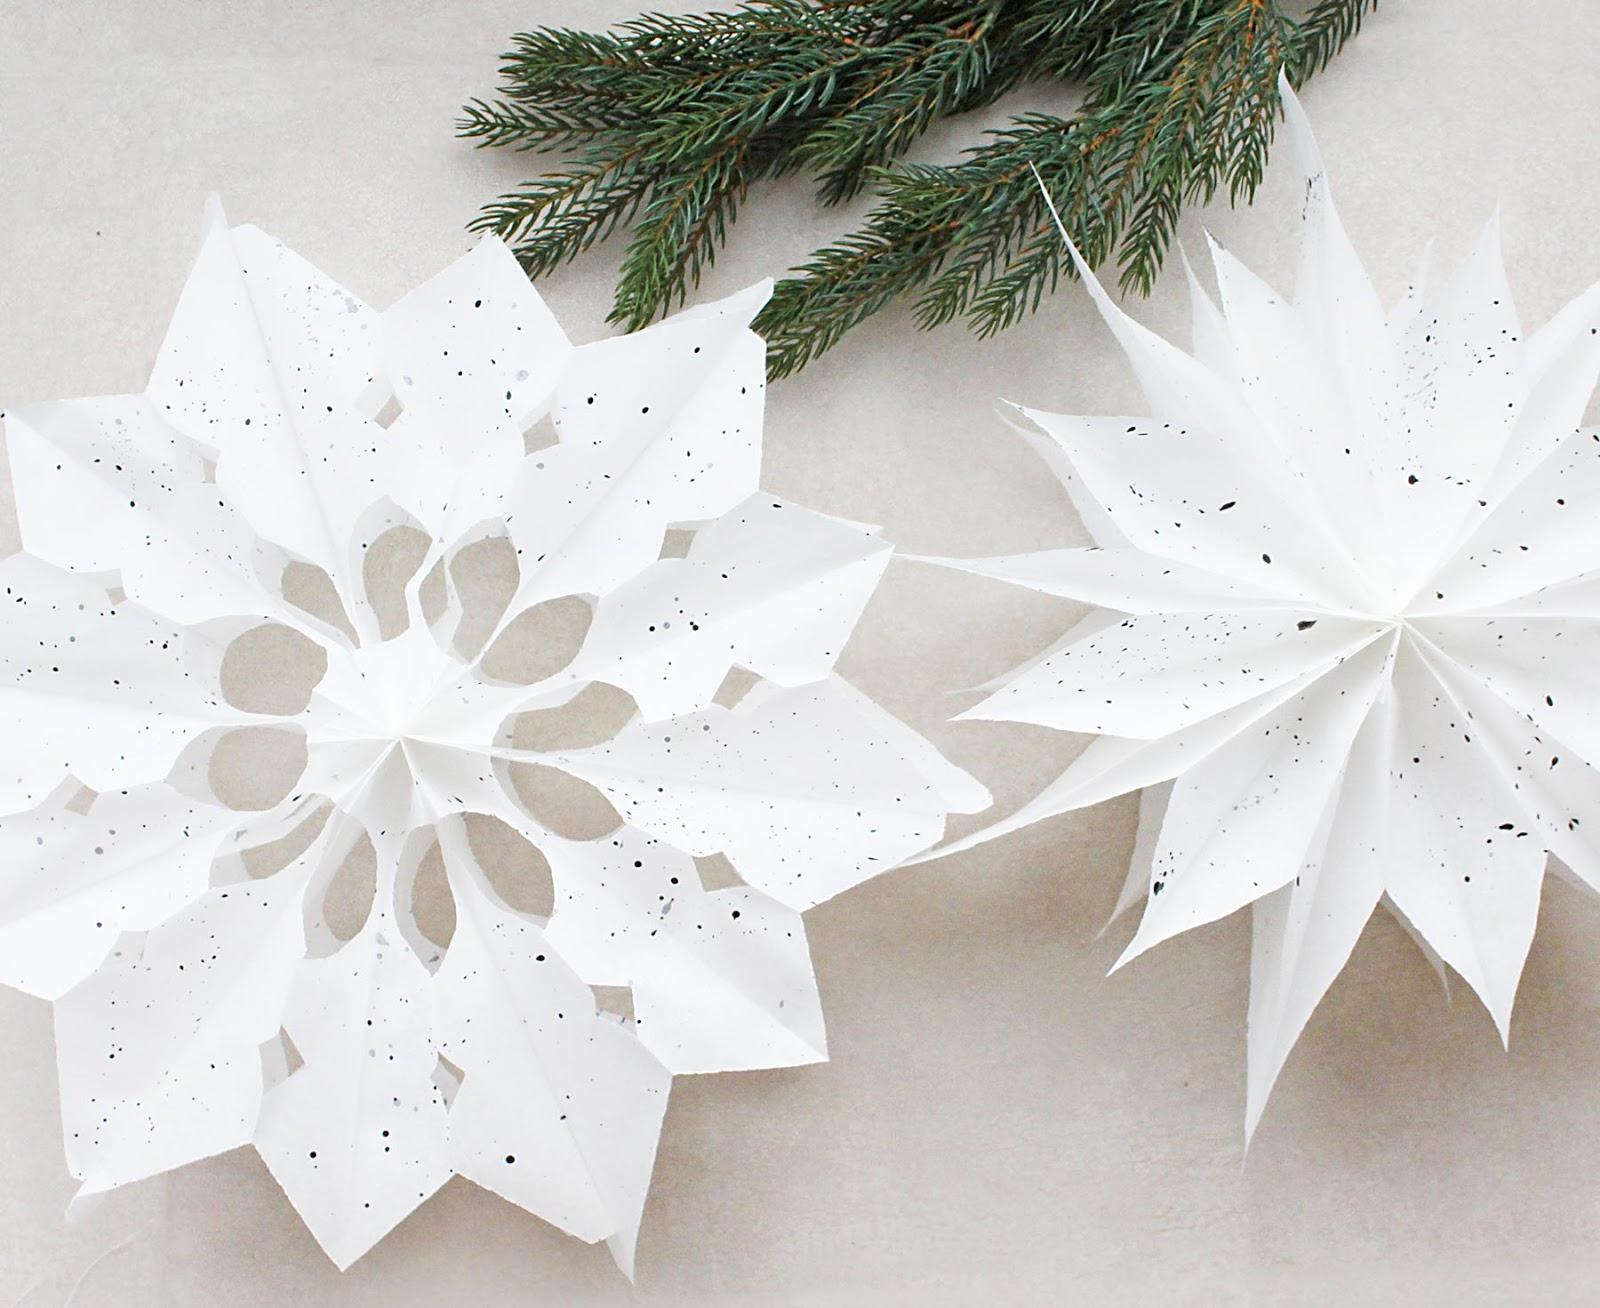 basteln einer super schnellen Weihnachtsdeko in Form von Sternen